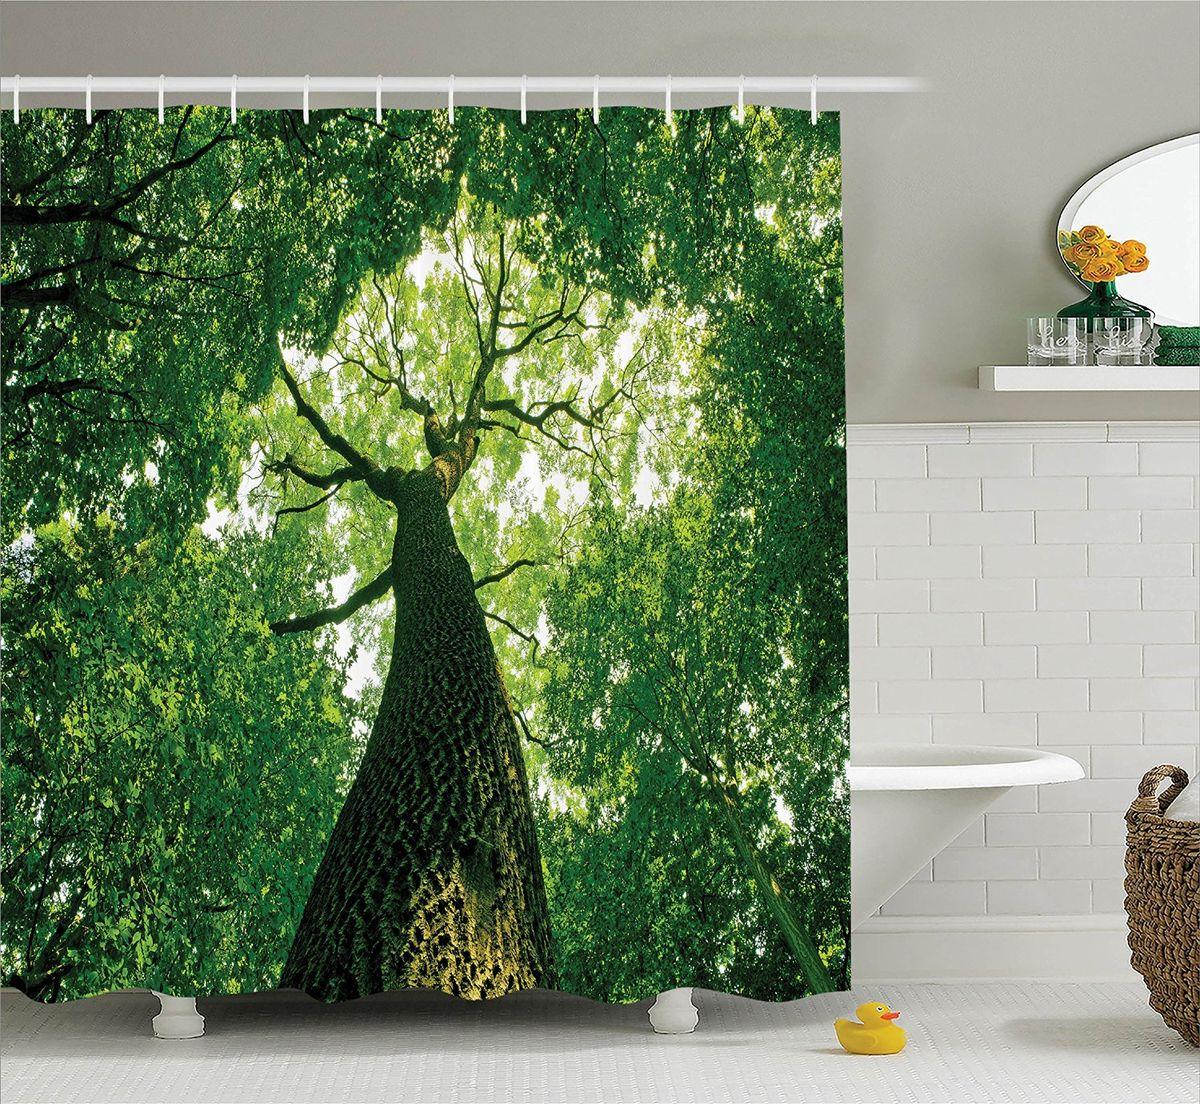 Штора для ванной комнаты Magic Lady Высокое дерево, 180 х 200 смшв_10227Штора Magic Lady Высокое дерево, изготовленная из высококачественного сатена (полиэстер 100%), отлично дополнит любой интерьер ванной комнаты. При изготовлении используются специальные гипоаллергенные чернила для прямой печати по ткани, безопасные для человека.В комплекте: 1 штора, 12 крючков. Обращаем ваше внимание, фактический цвет изделия может незначительно отличаться от представленного на фото.